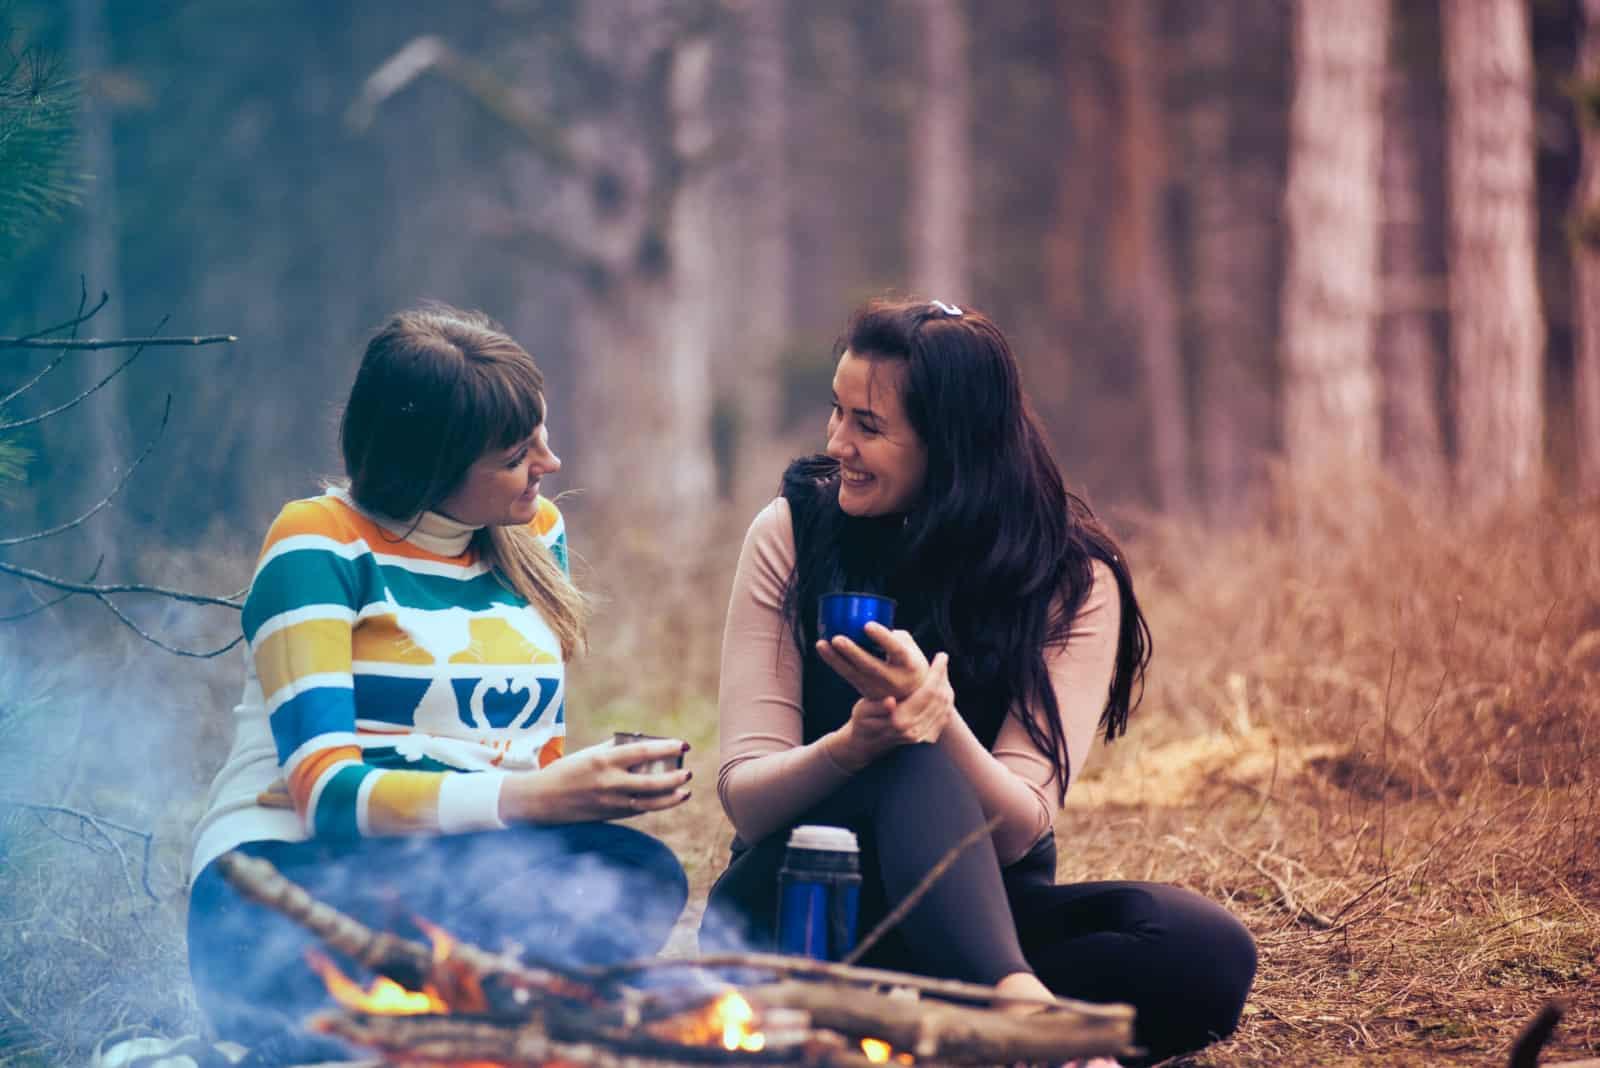 femmes assises sur le sol près d'un feu de camp